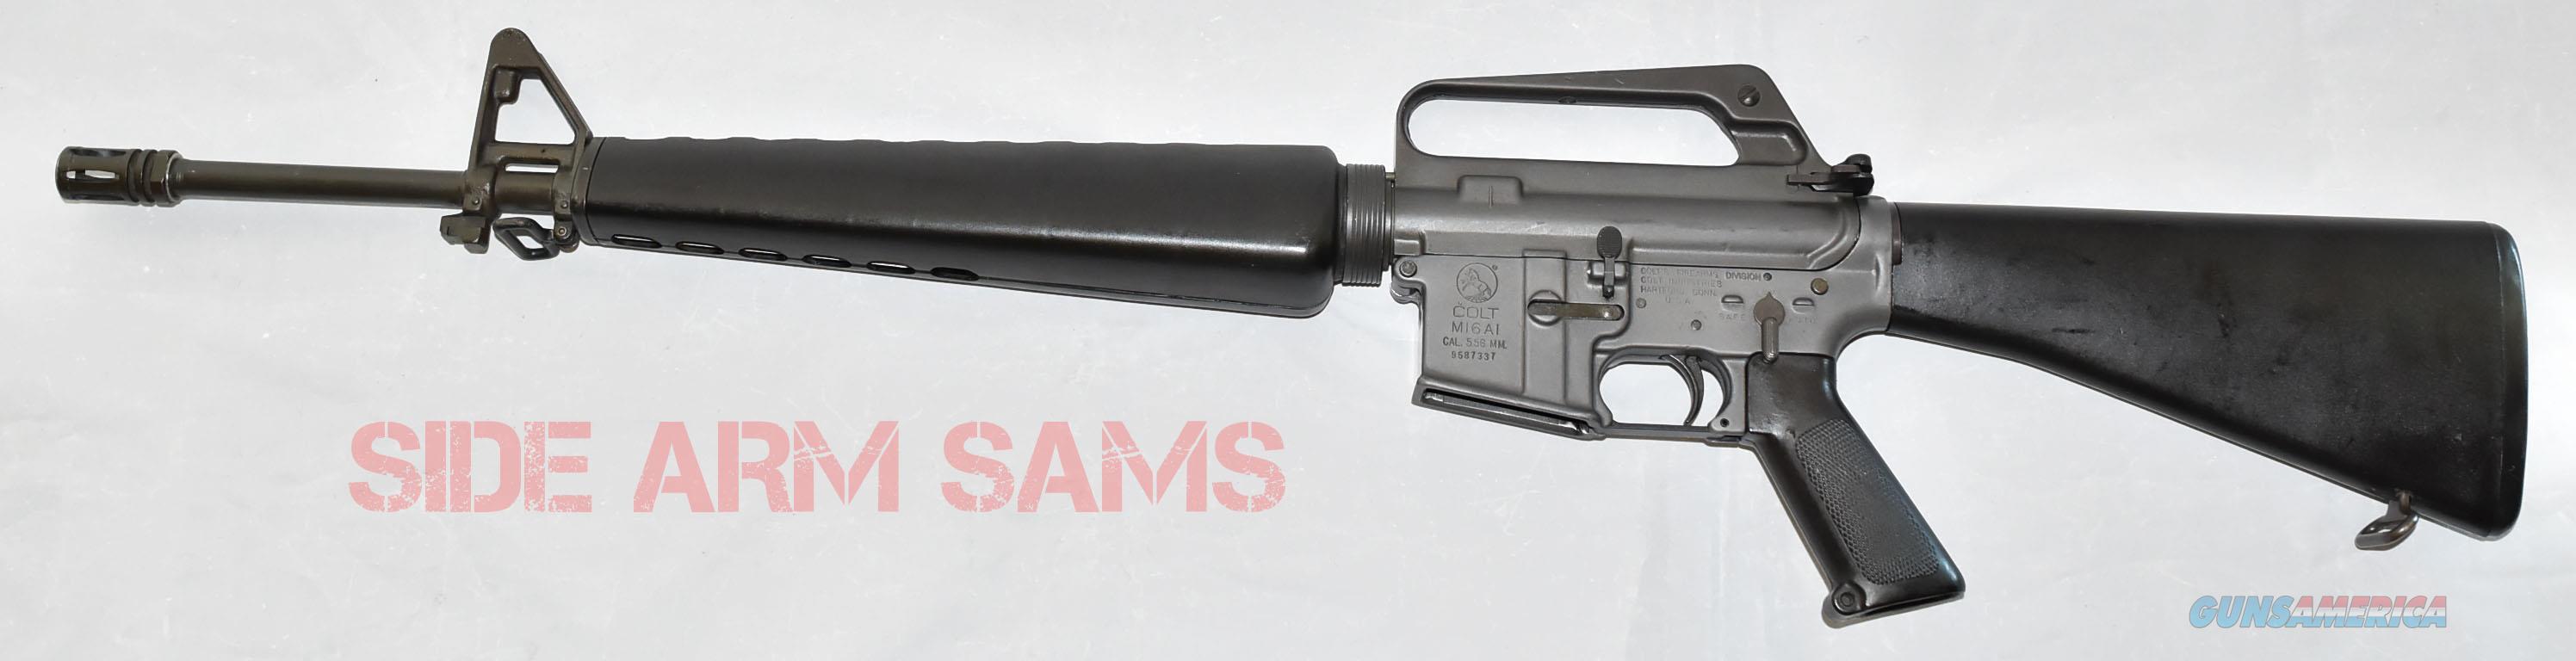 Colt M16A1 Machine Gun,Gemtech,M4,KAC,Beta-C, MG Package  Guns > Rifles > Class 3 Rifles > Class 3 Subguns